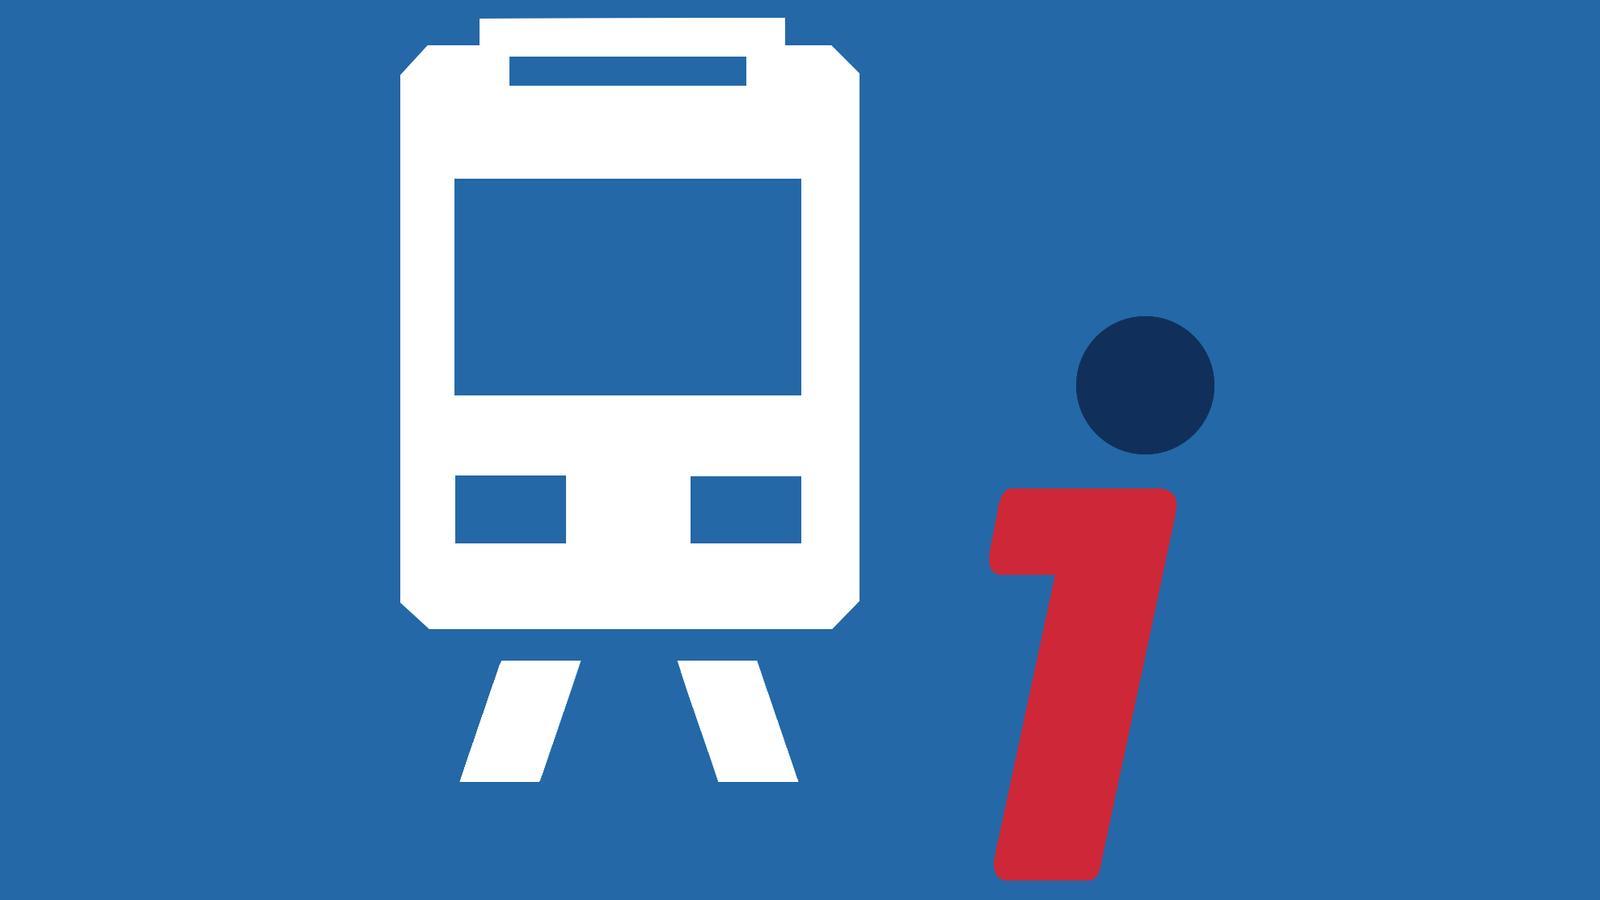 Расписание транспорта на idos.cz